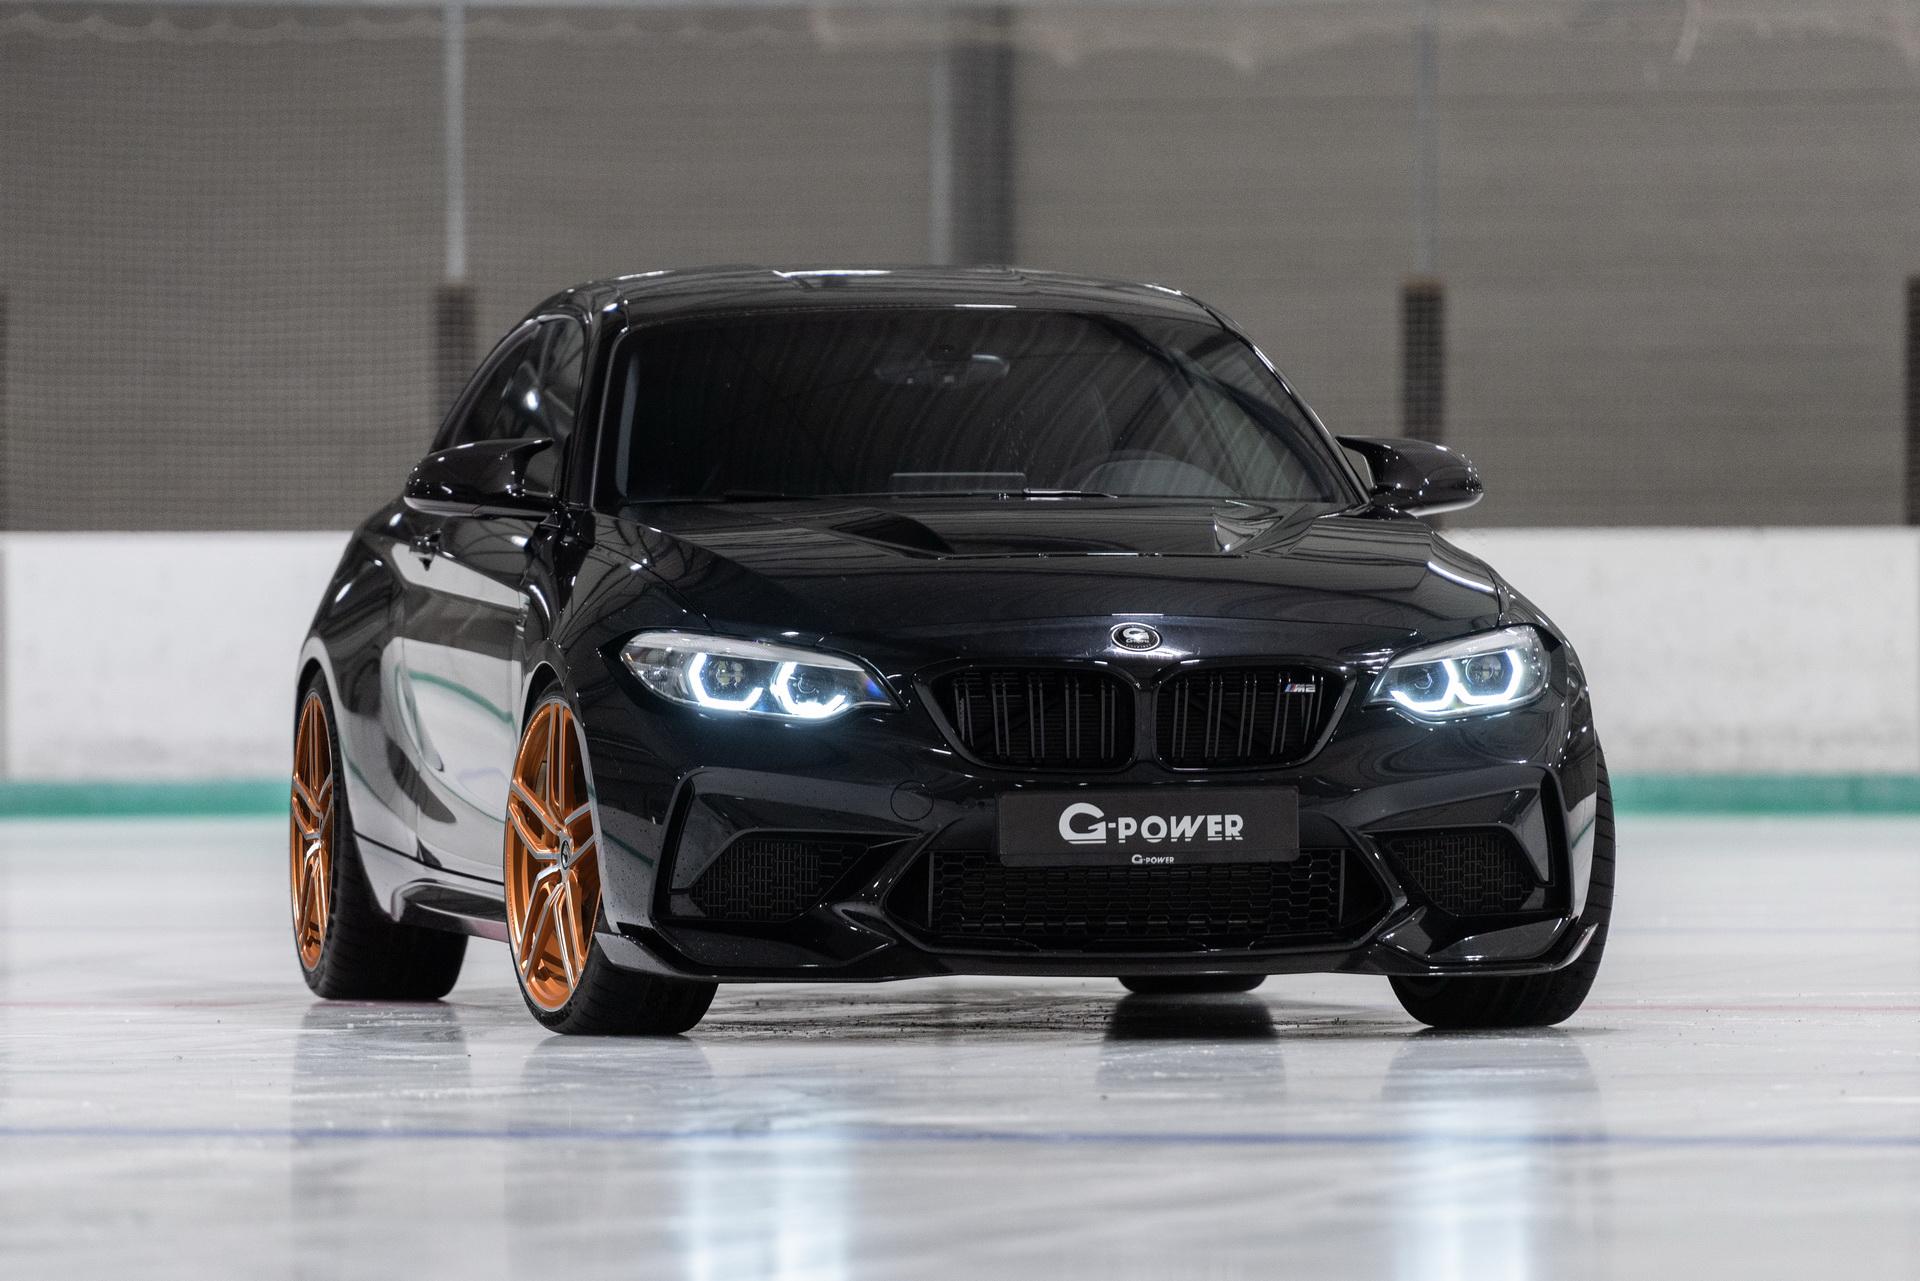 Немецкое ателье тюнинга G-Power предлагает «прокачать» спортивное купе BMW M2 CS вплоть до 660 л.с., а заодно и разжиться аксессуарами. Давайте посмотрим, что входит в перечень.